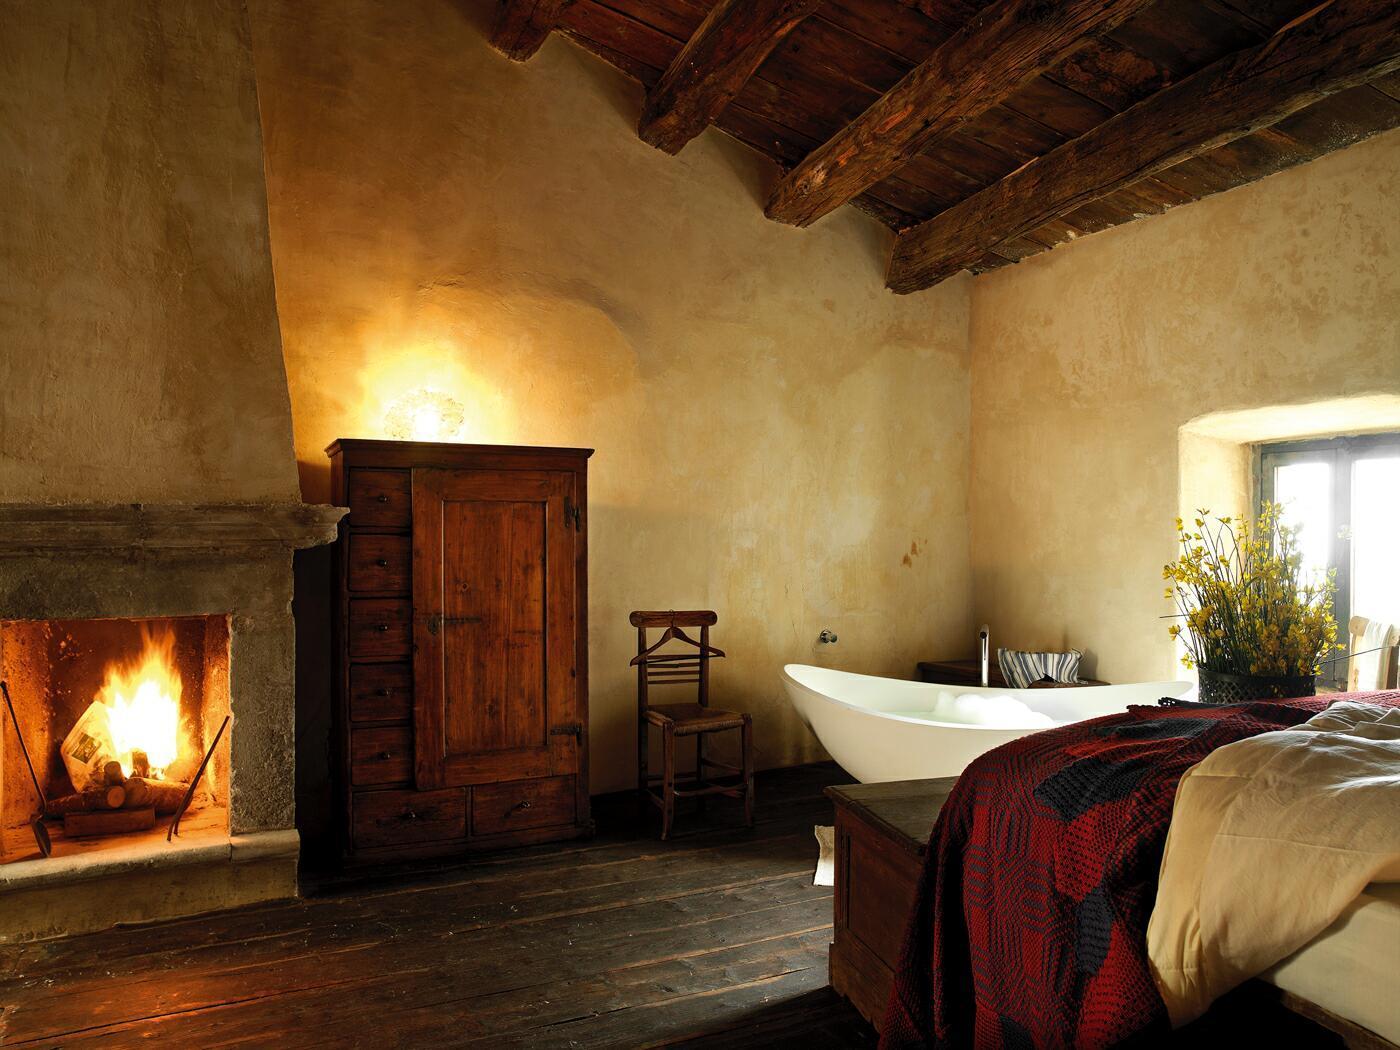 Camera dell'albergo diffuso di Sextantio, Abruzzo